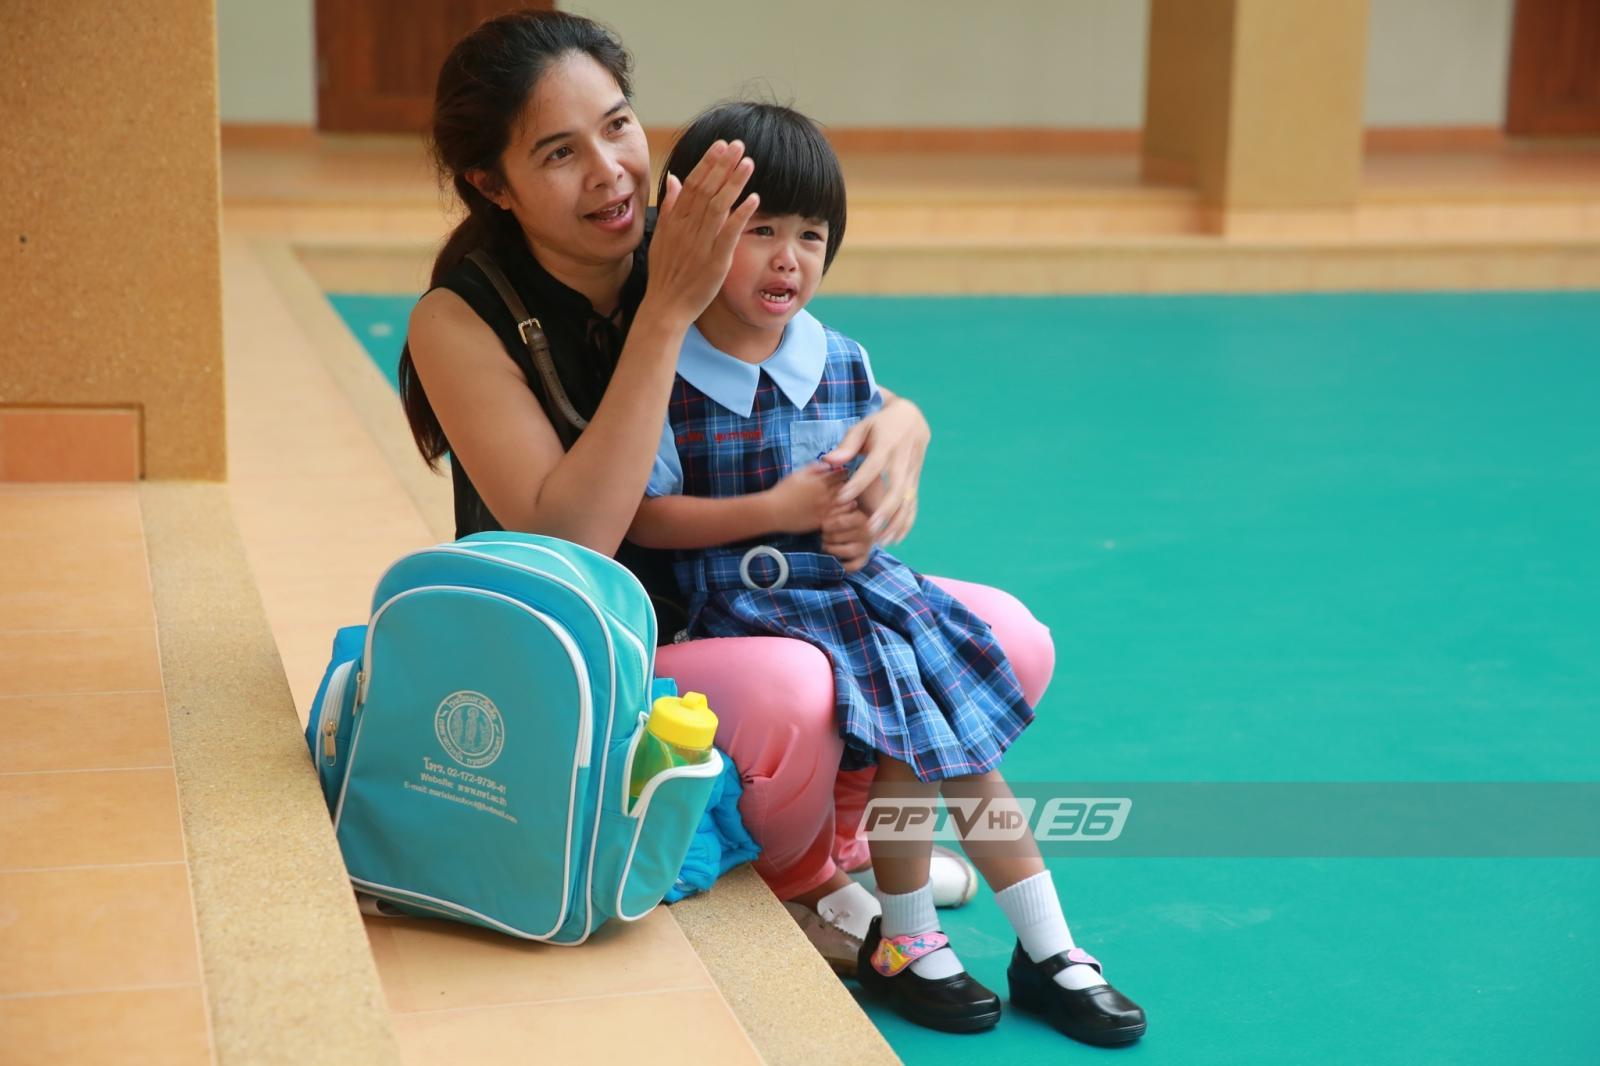 พ่อแม่มือใหม่จงฟัง!! 8 วิธีคลายปัญหาเมื่อลูกไม่อยากไปโรงเรียน